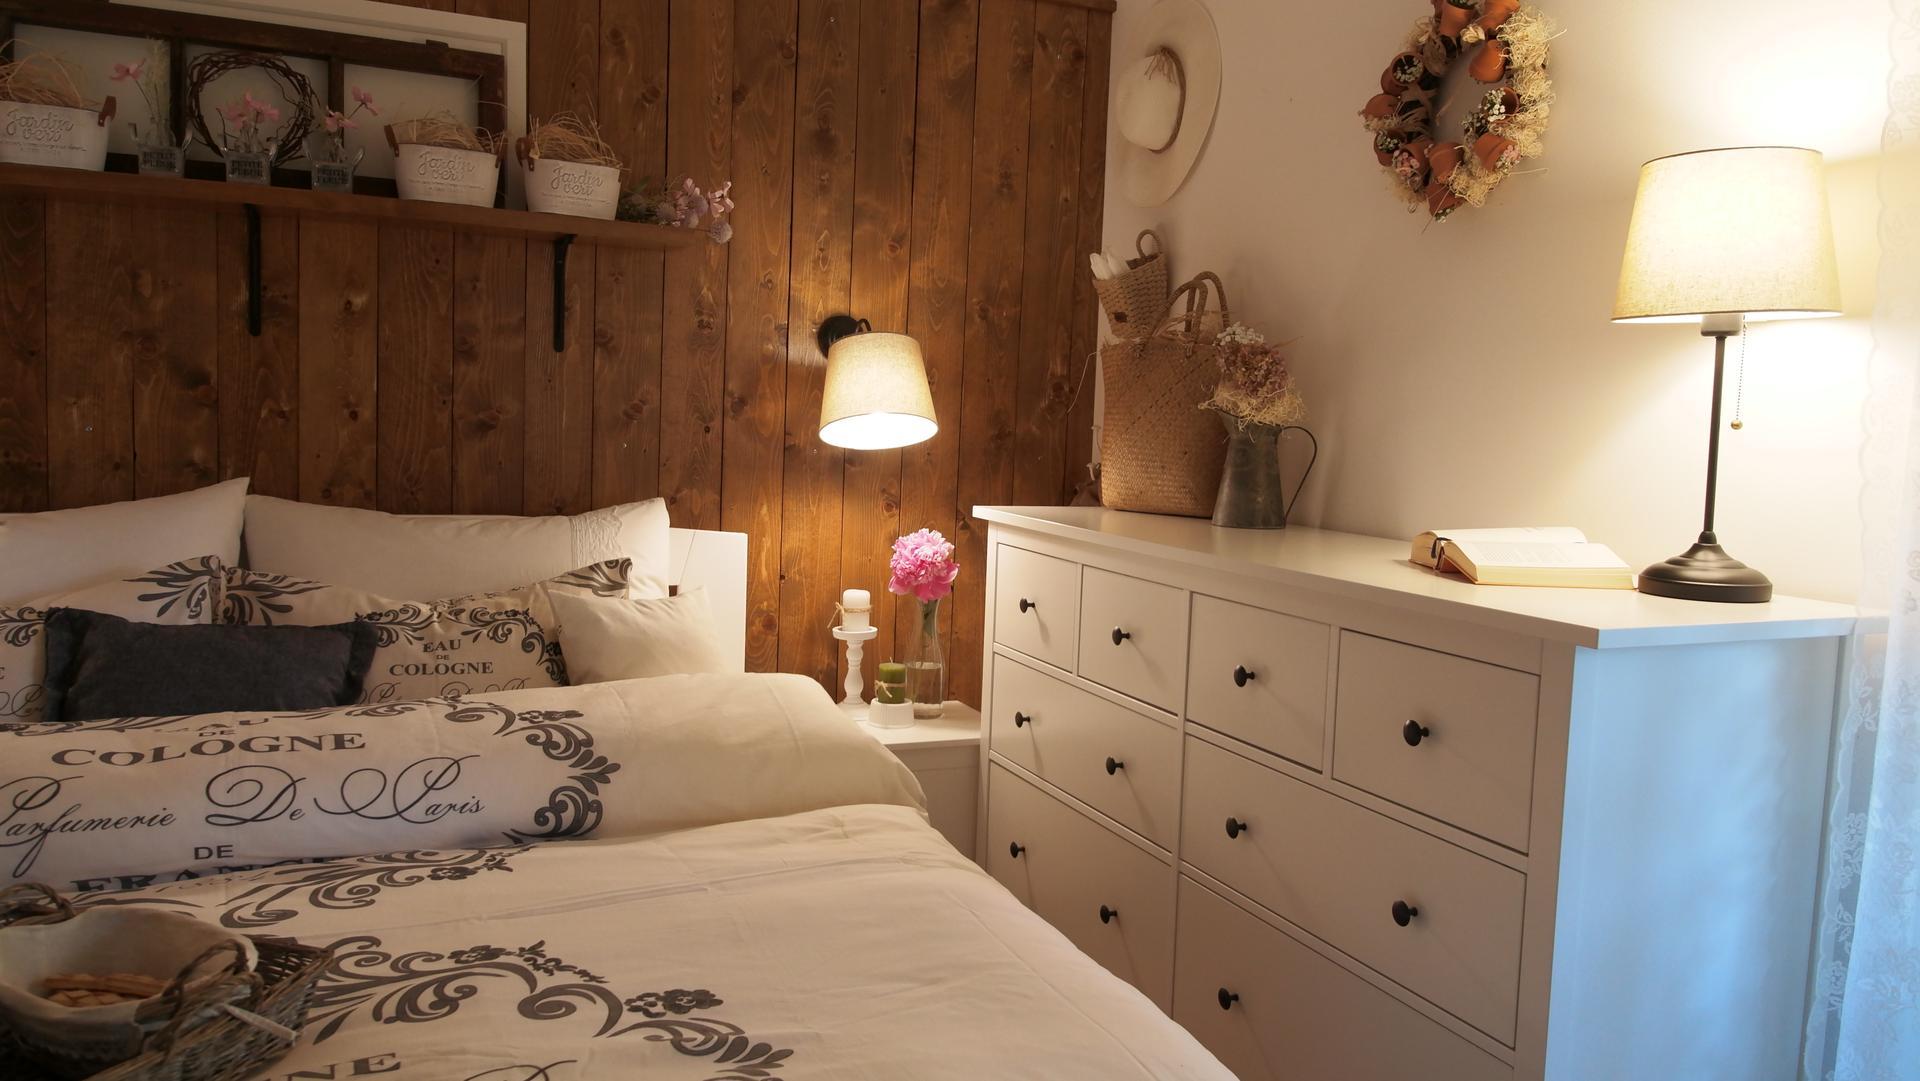 Náš domček ♡ Bramasole ♡ ... Stilo interiér aj exteriér 4. rok bývania - Obrázok č. 101